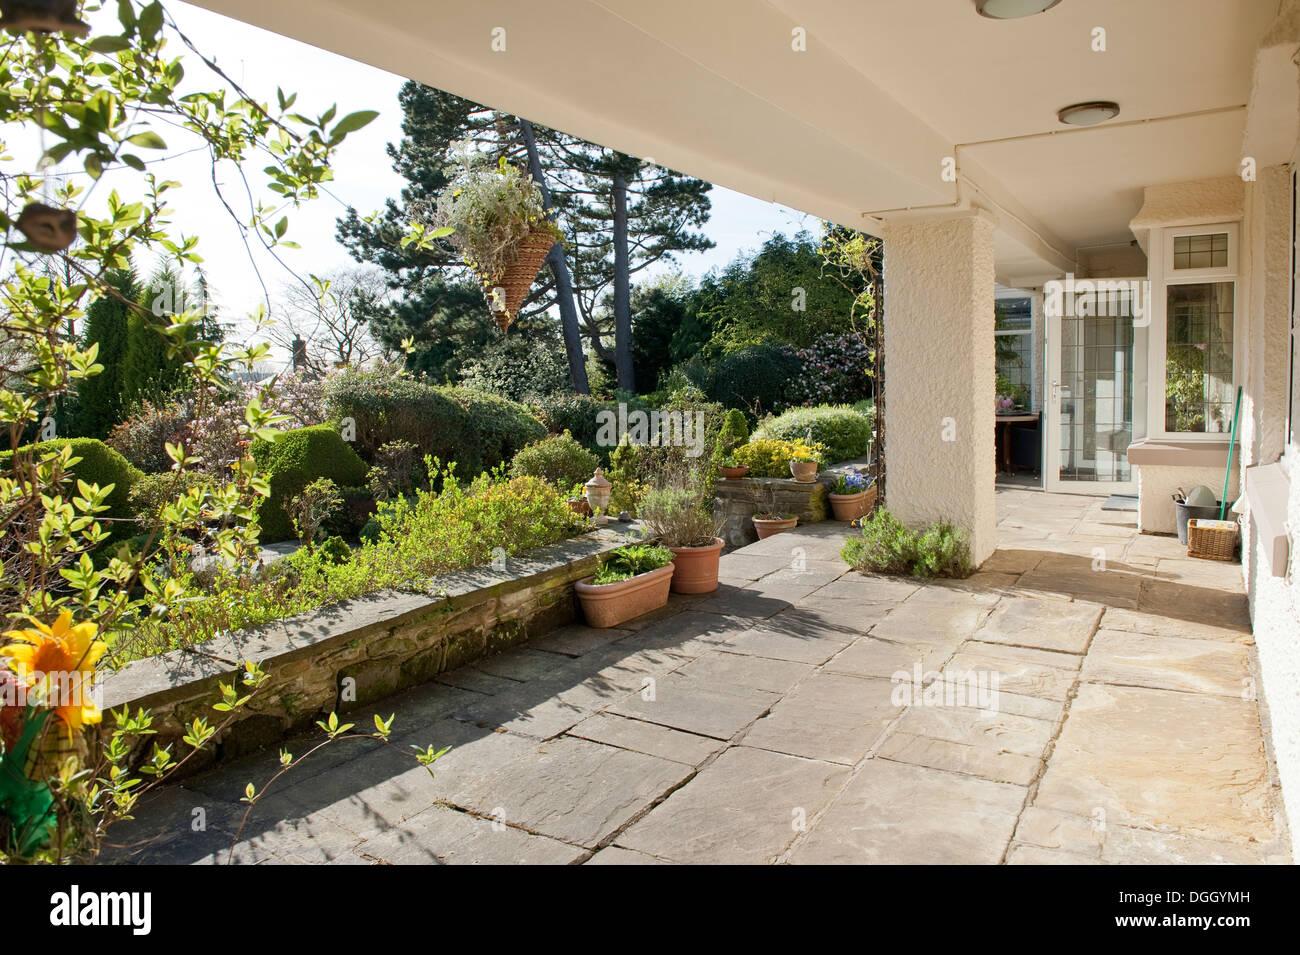 Covered Garden Terrace Veranda Country House Garden